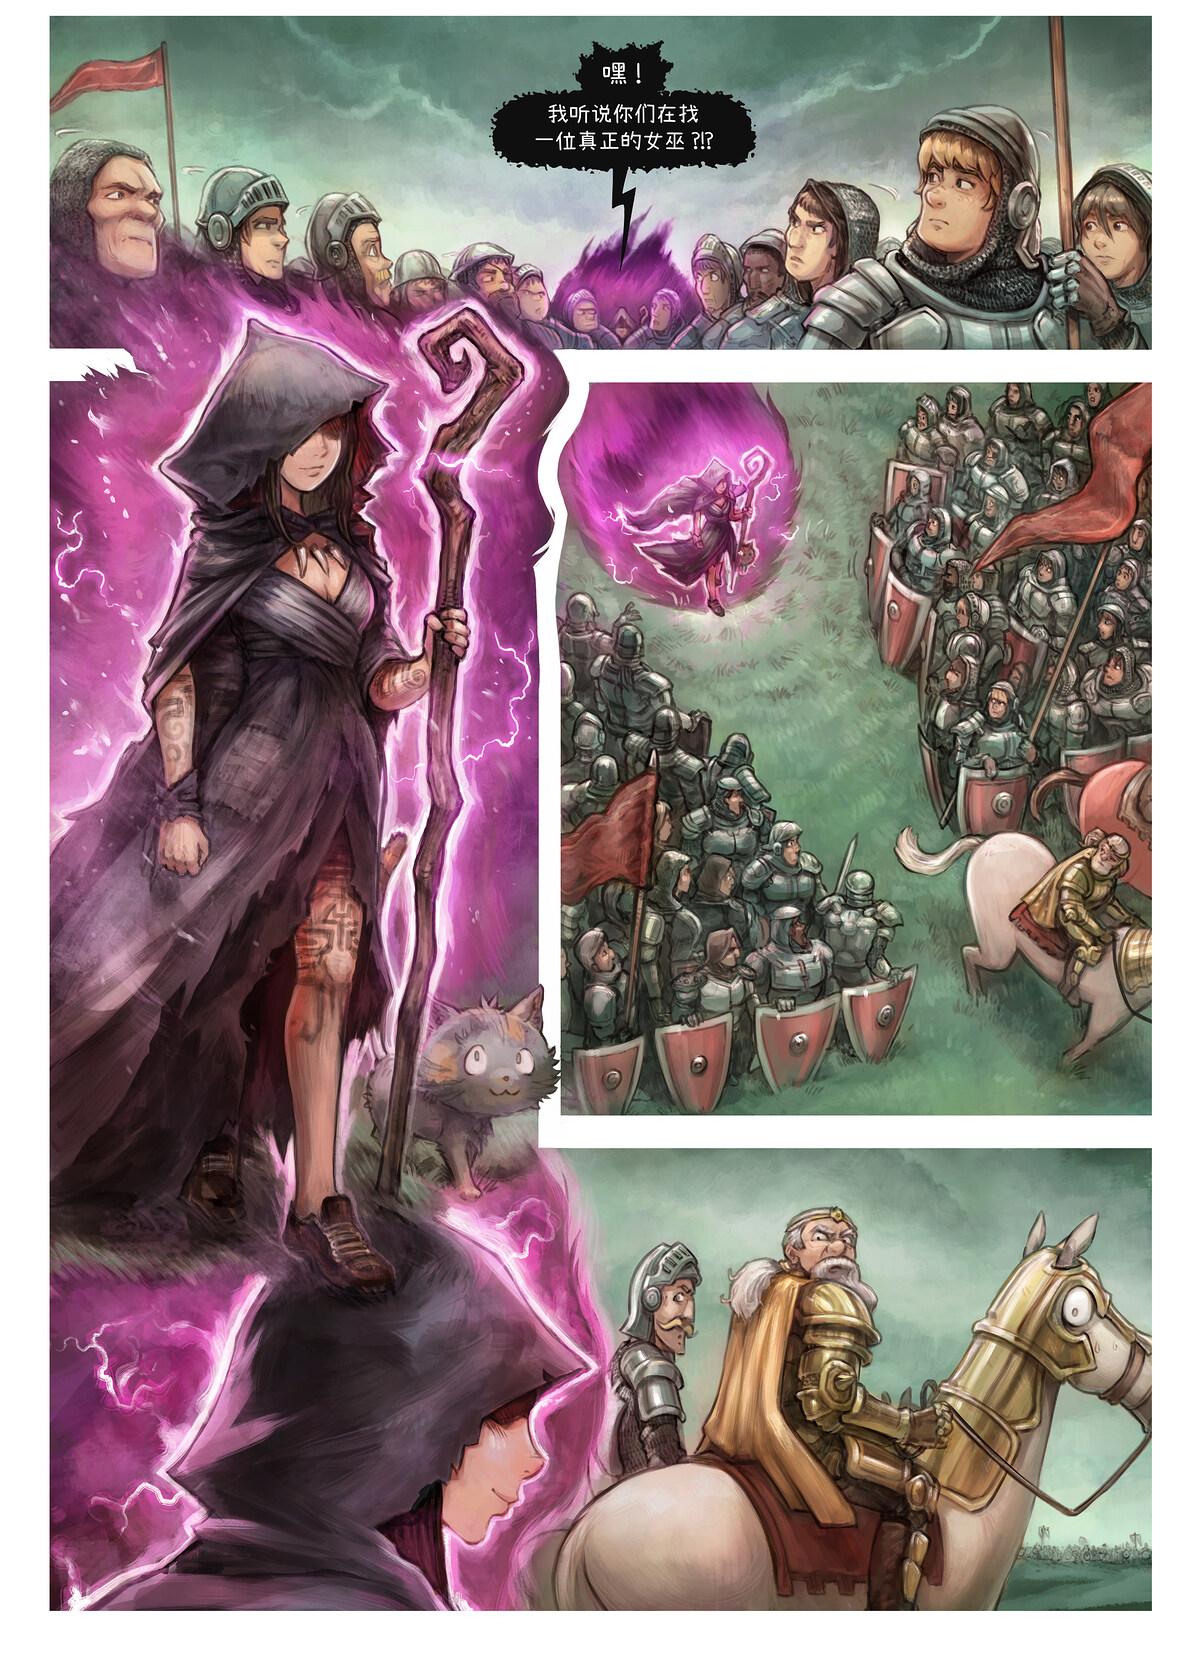 第32集:战场, Page 6